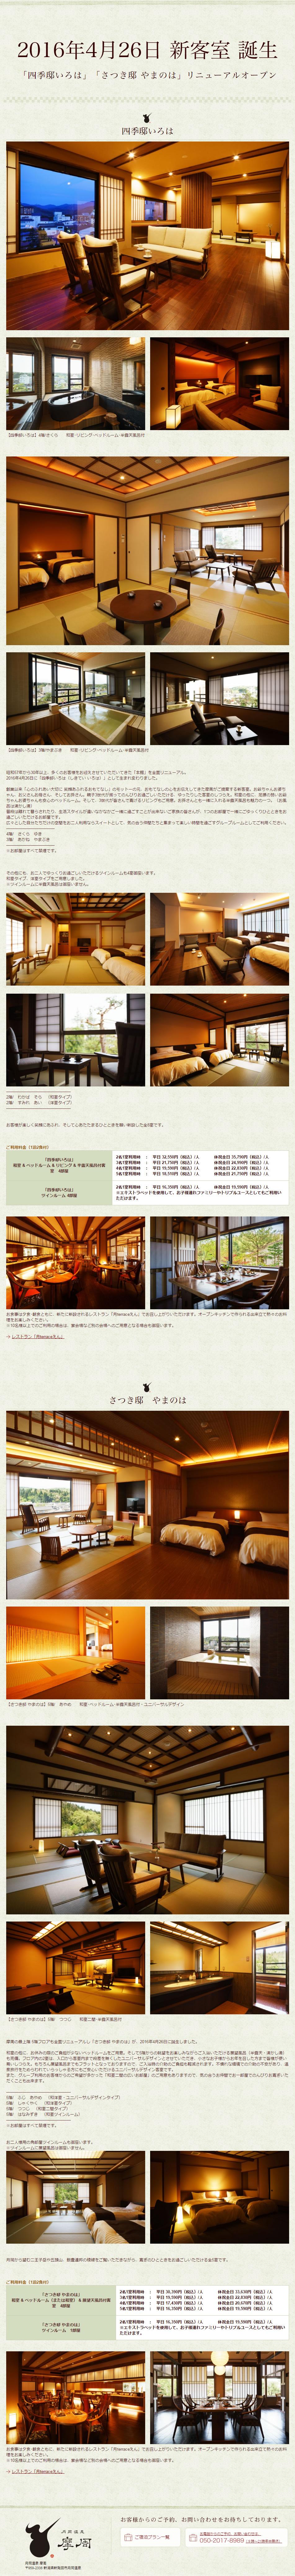 2016年4月26日 新客室 誕生 「四季邸いろは」「さつき邸 やまのは」リニューアルオープン